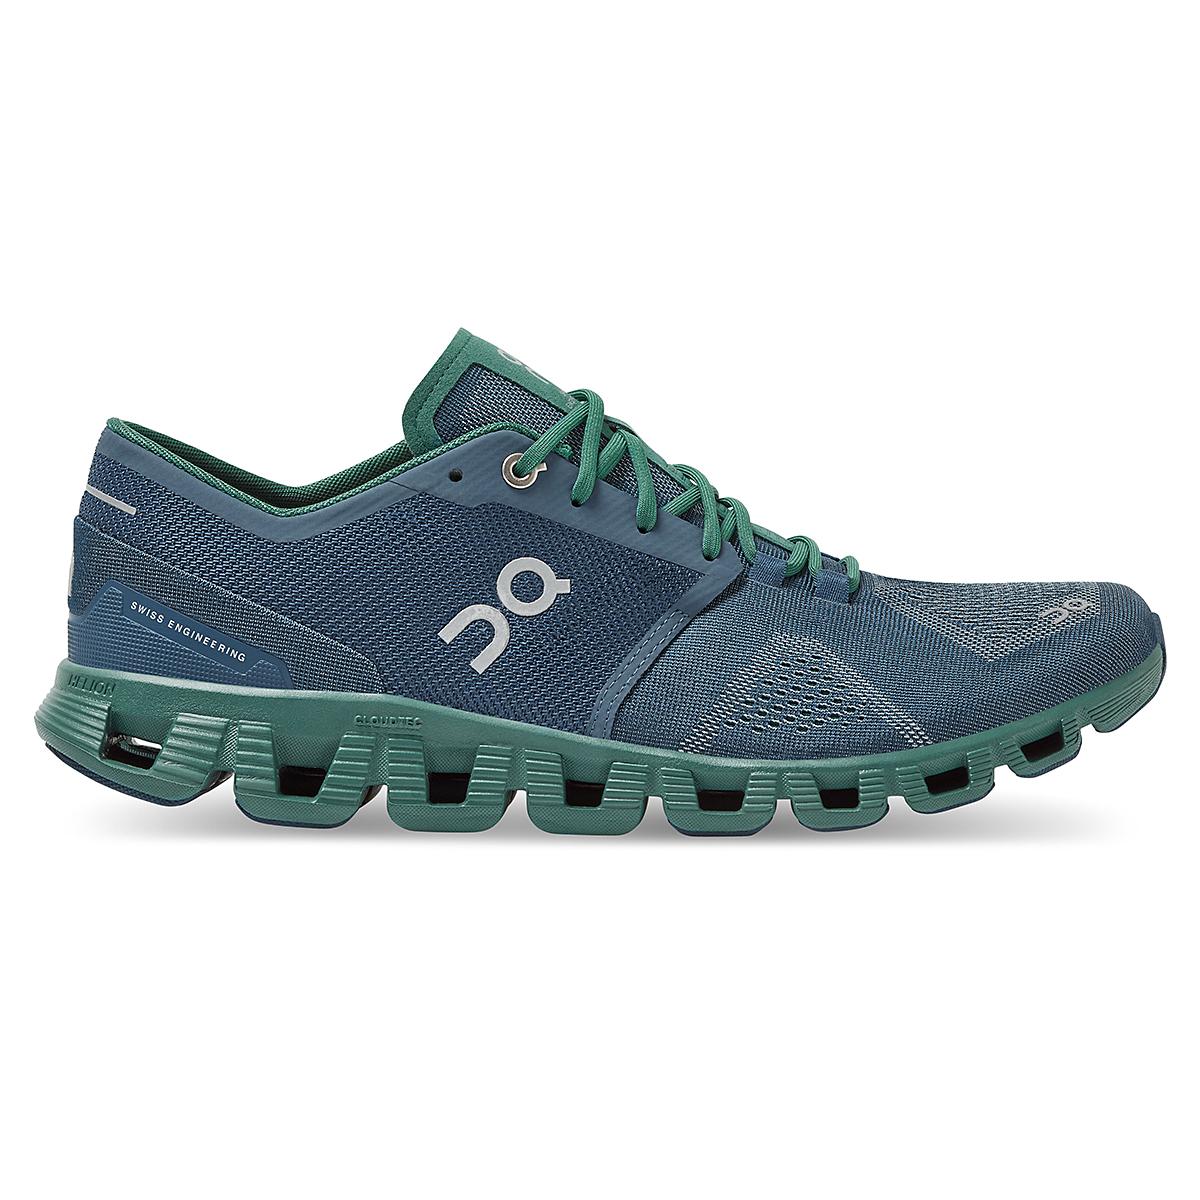 Men's On Cloud X 2.0 Running Shoe - Color: Storm/Tide - Size: 7 - Width: Regular, Storm/Tide, large, image 1